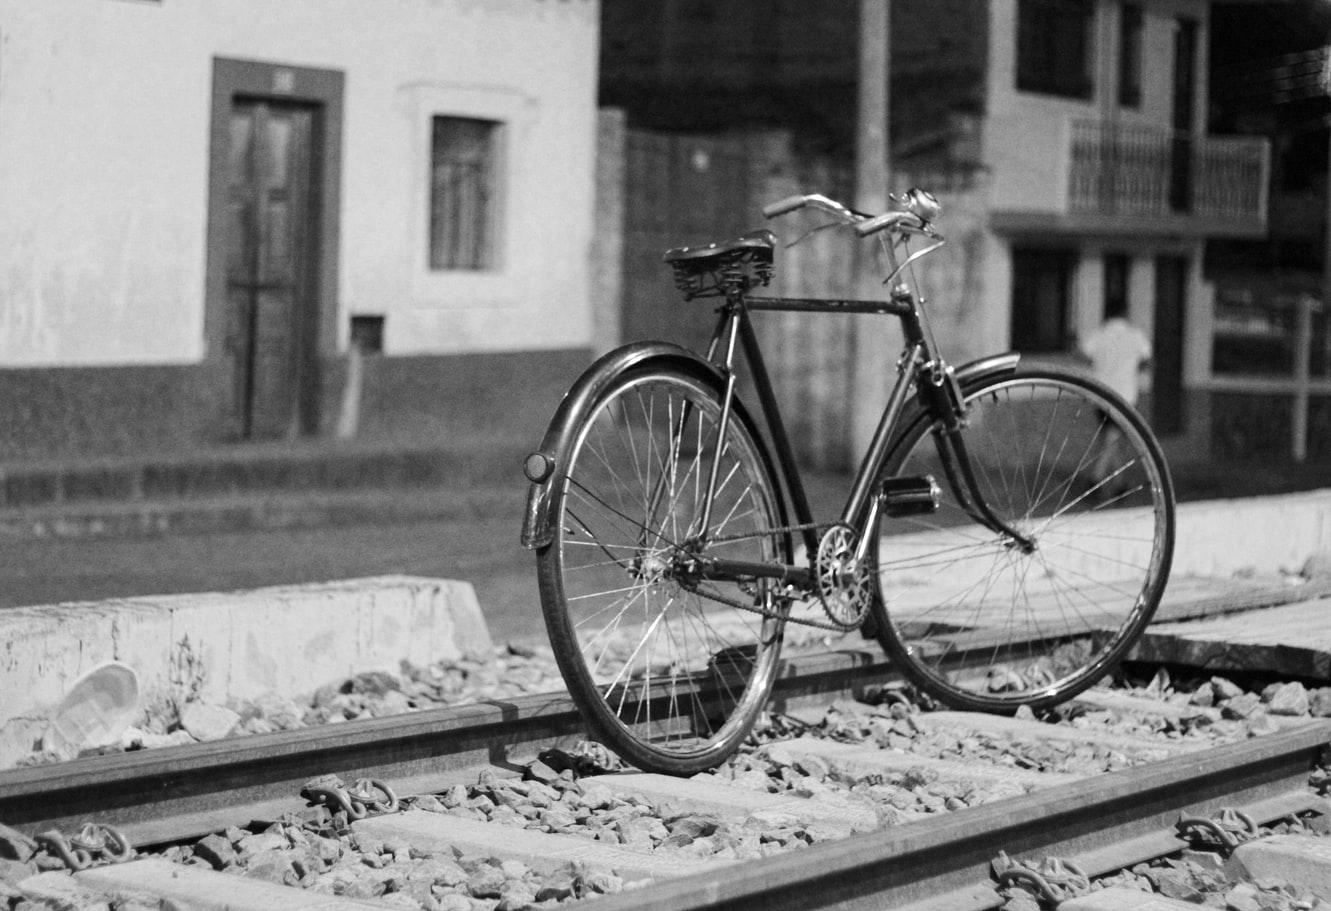 Monochrome picture of a bike